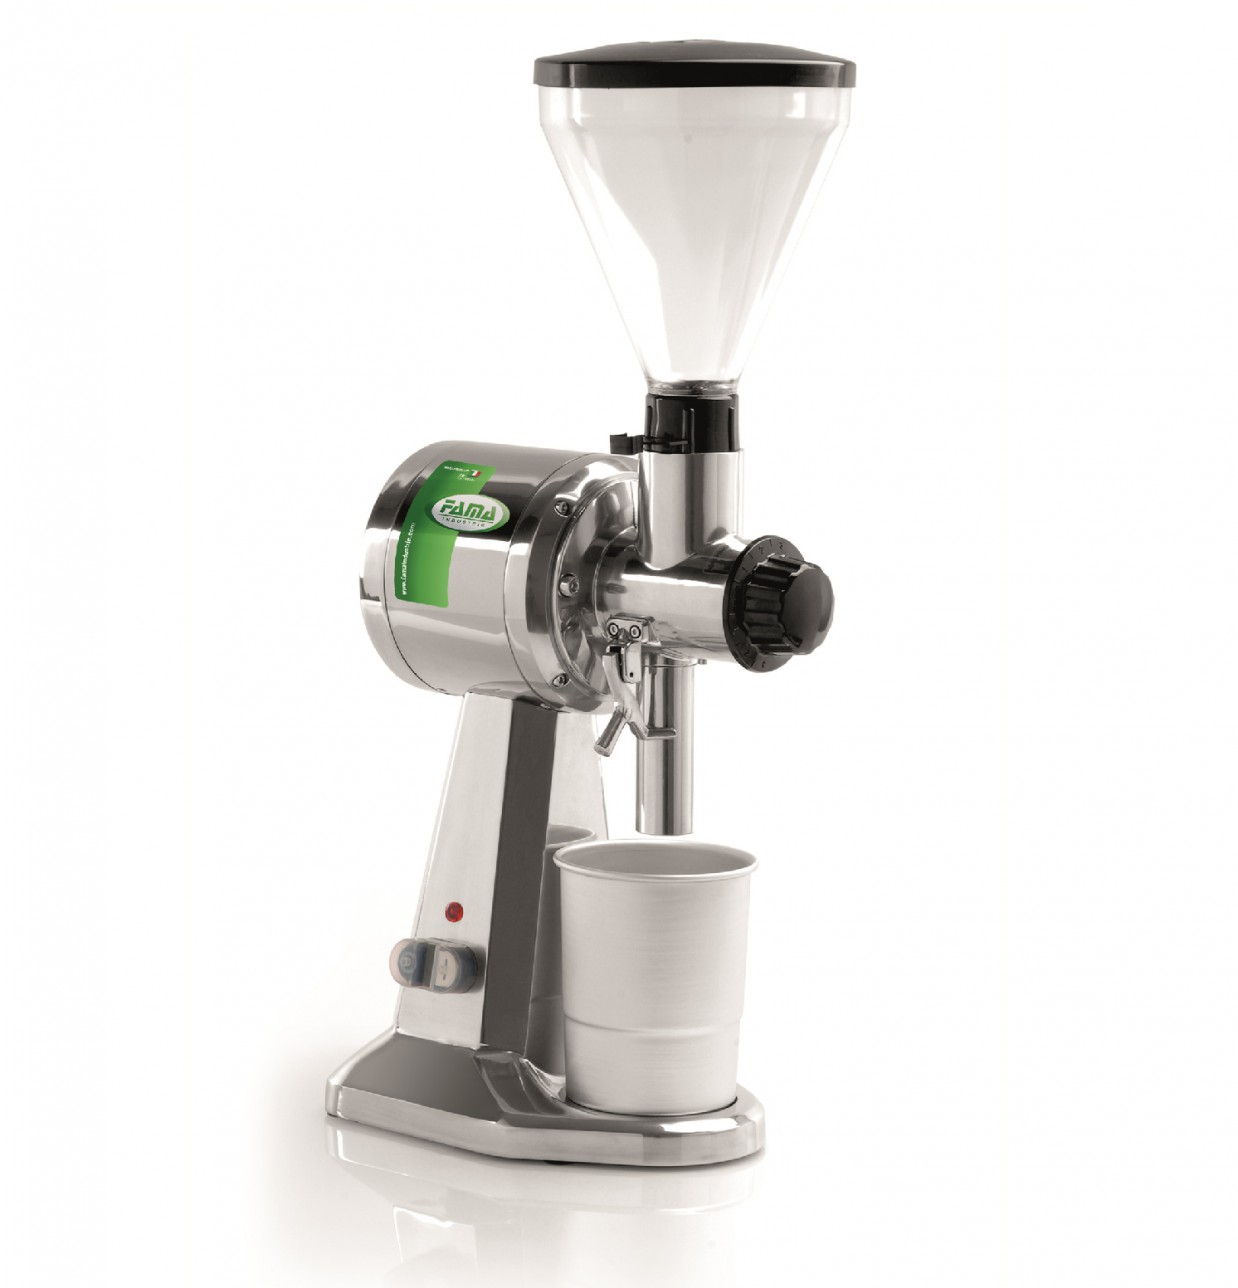 تصویر آسیاب قهوه Fama مدل CS Fama Combo Coffee Grinder and Grater CS